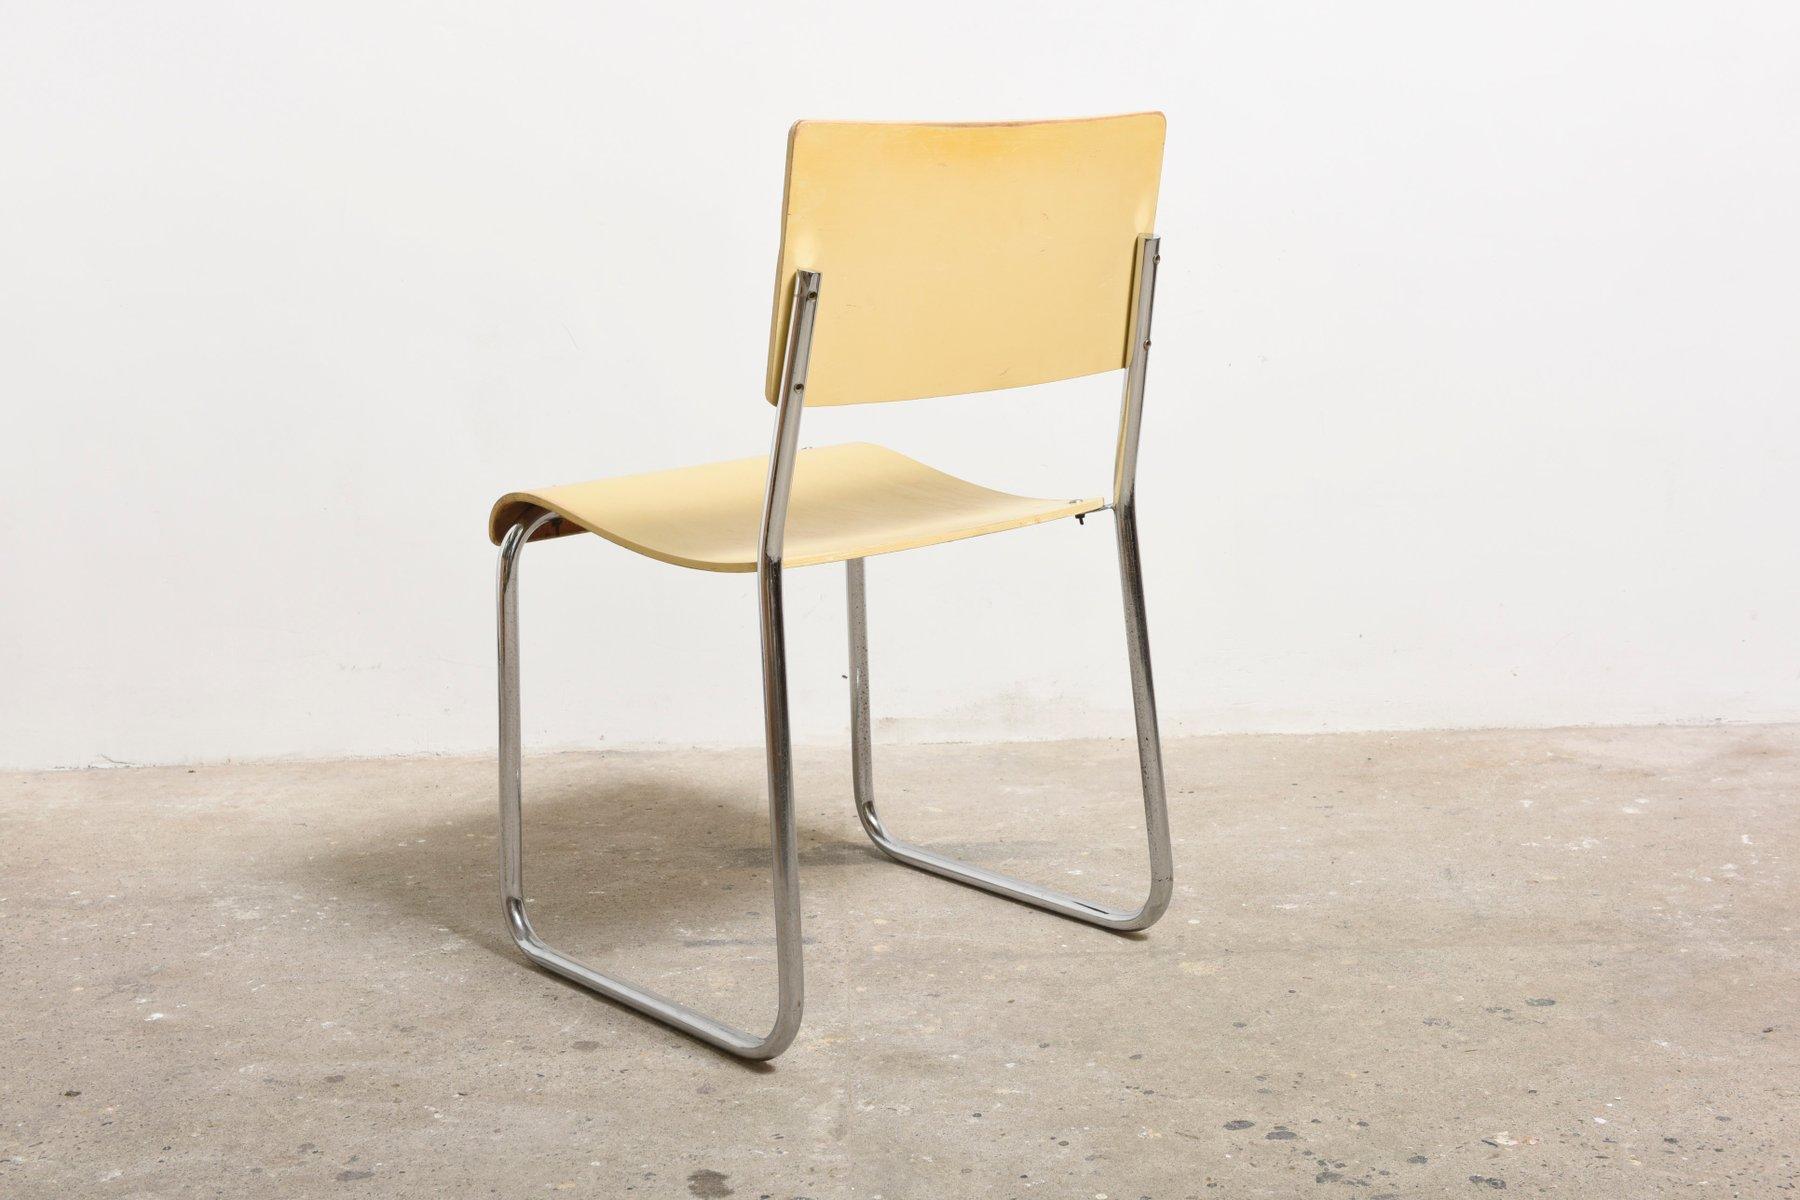 Bauhaus chair 1920 - Price Per Set